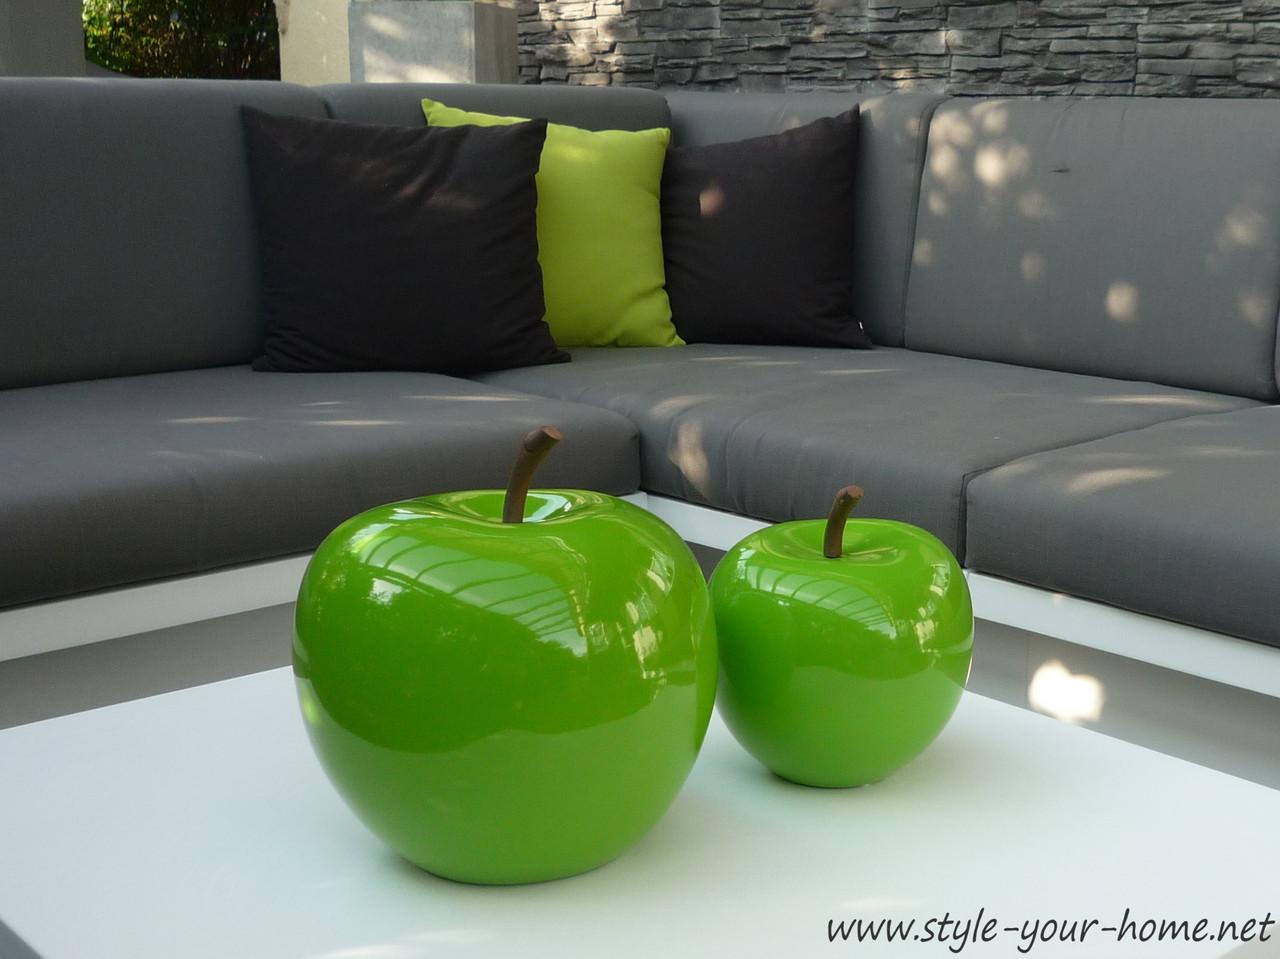 Stylische wohnaccessoires und wohntrends style your home for Stylische wohnaccessoires